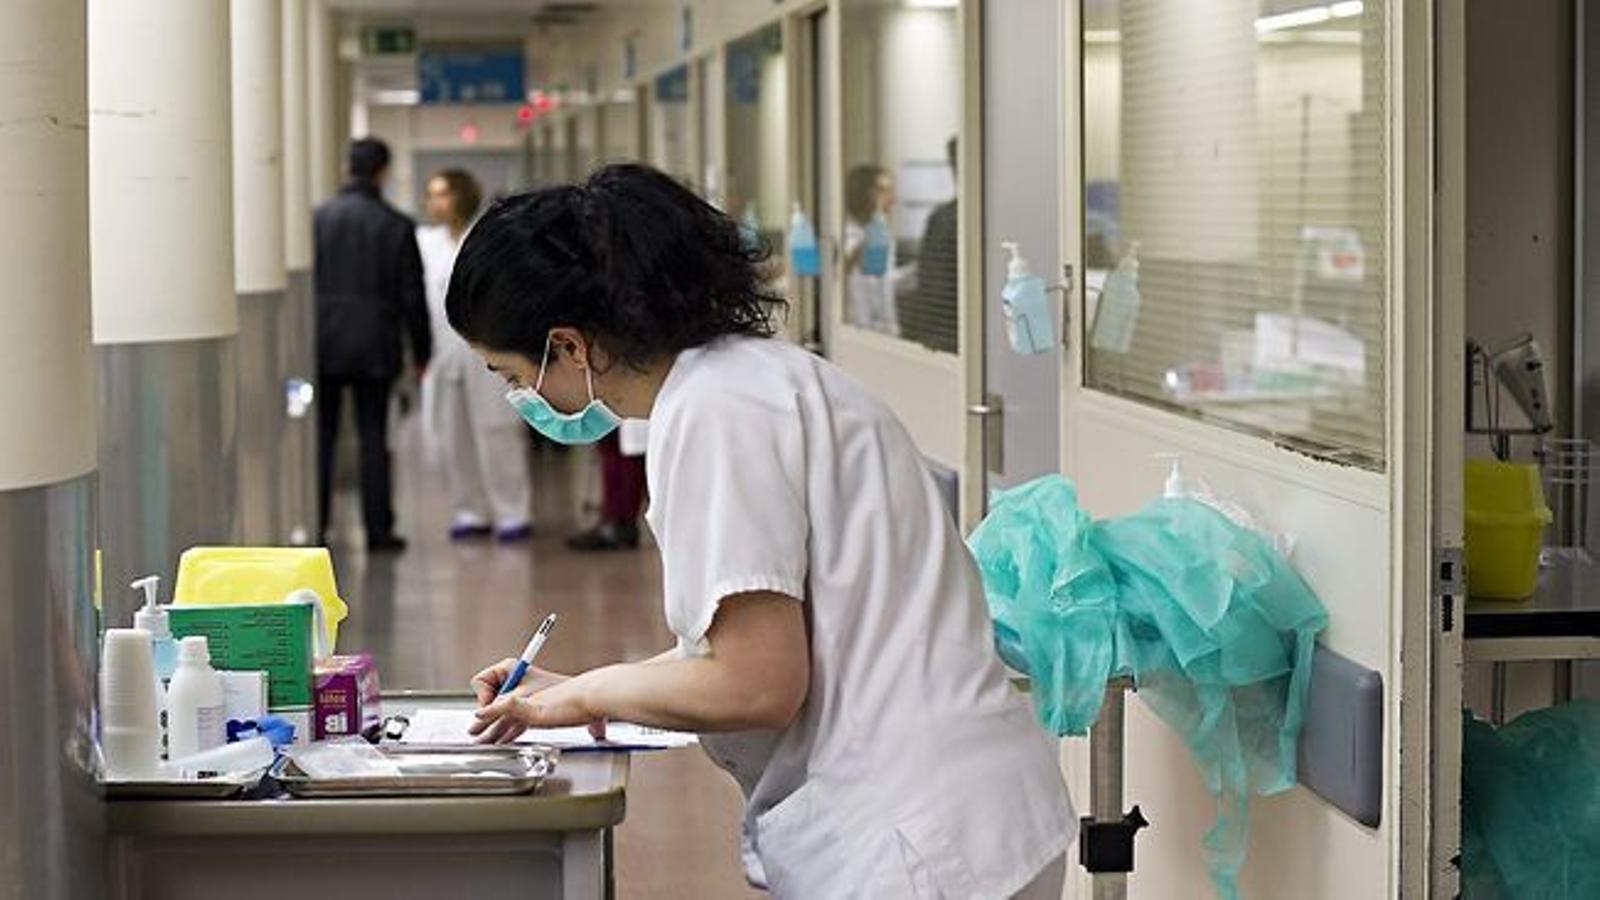 Els sindicats consideren que aquesta mesura milloraria l'atenció sanitària als escolars.